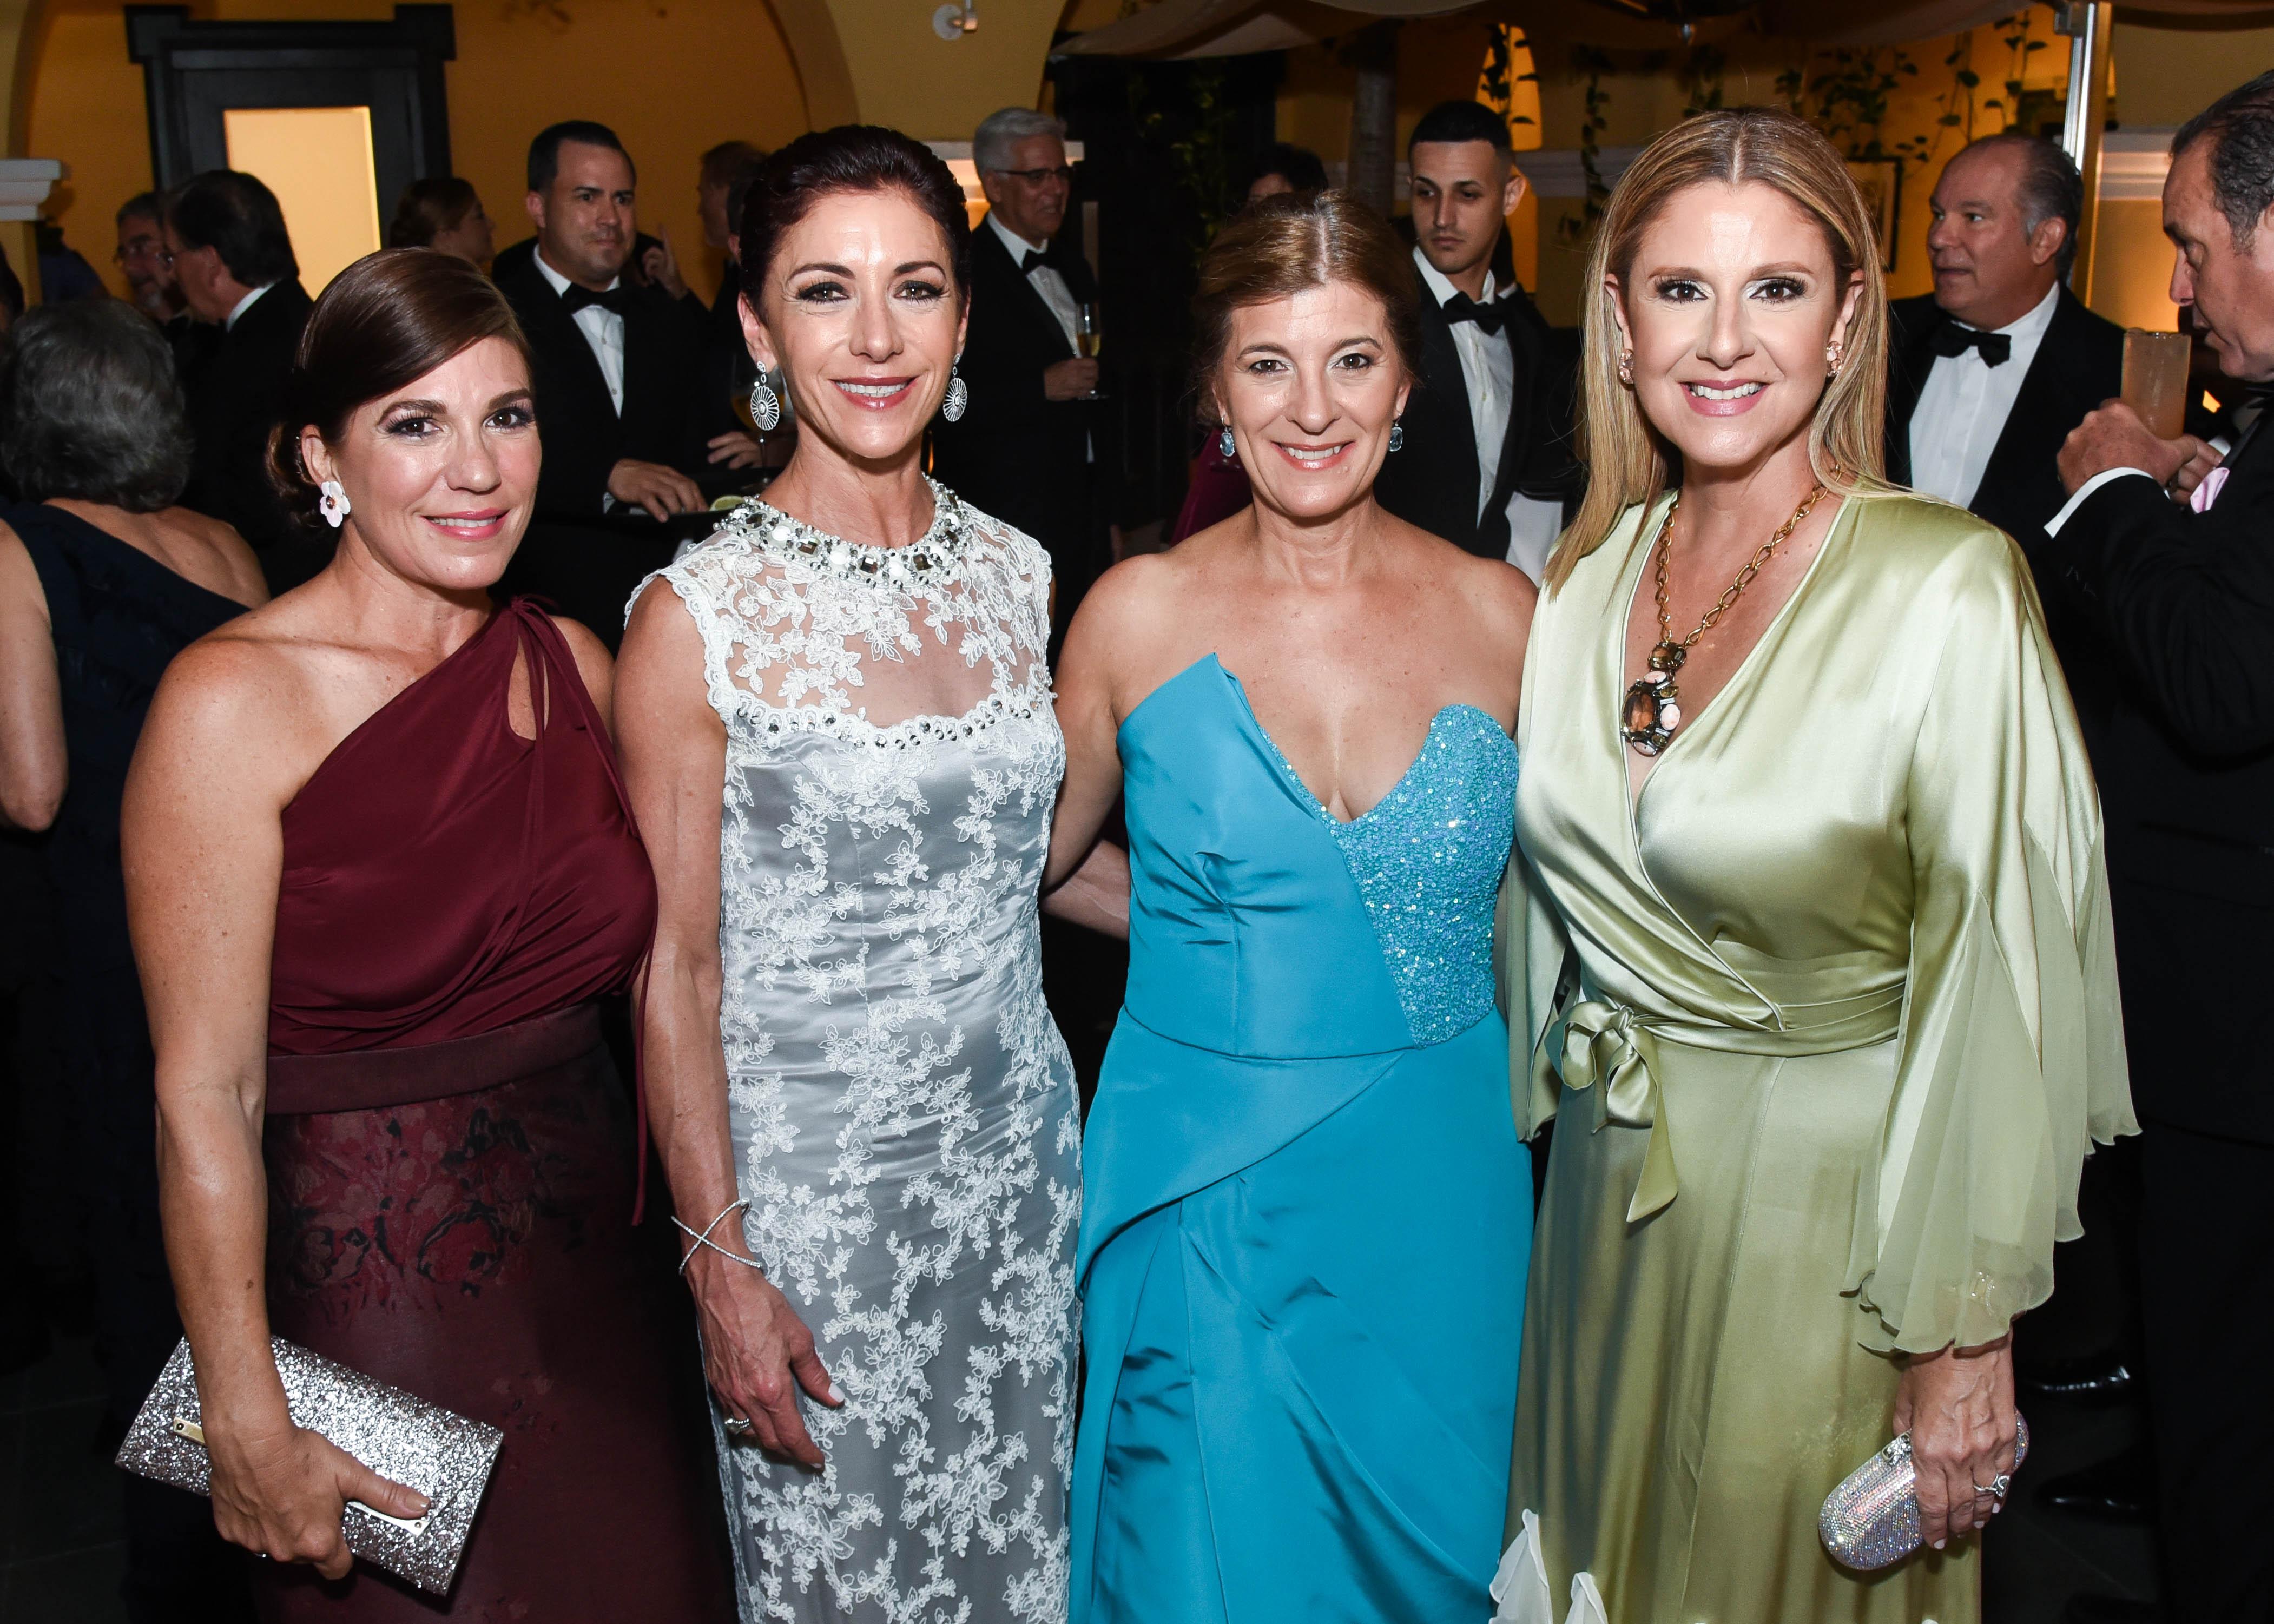 Emilia Abislaiman, Violi Casellas, Nicole Mier y Mercedes Corrada. (Enid M. Salgado Mercado)